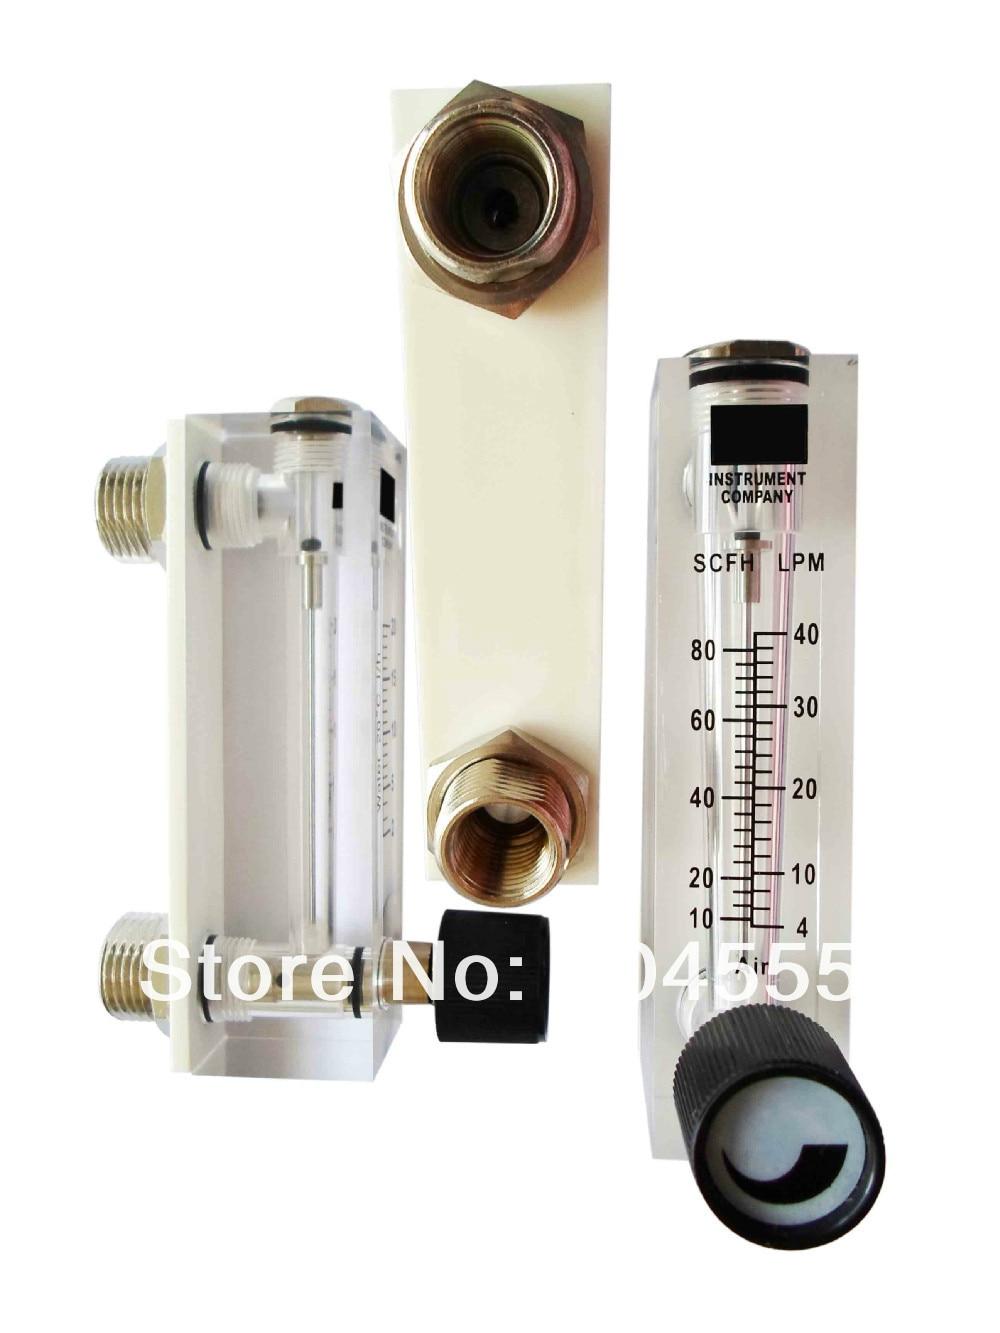 Panel water flow controller water flow meter liquid flowmeter with adjustable valve 2-20L/Hour water flow meter<br>